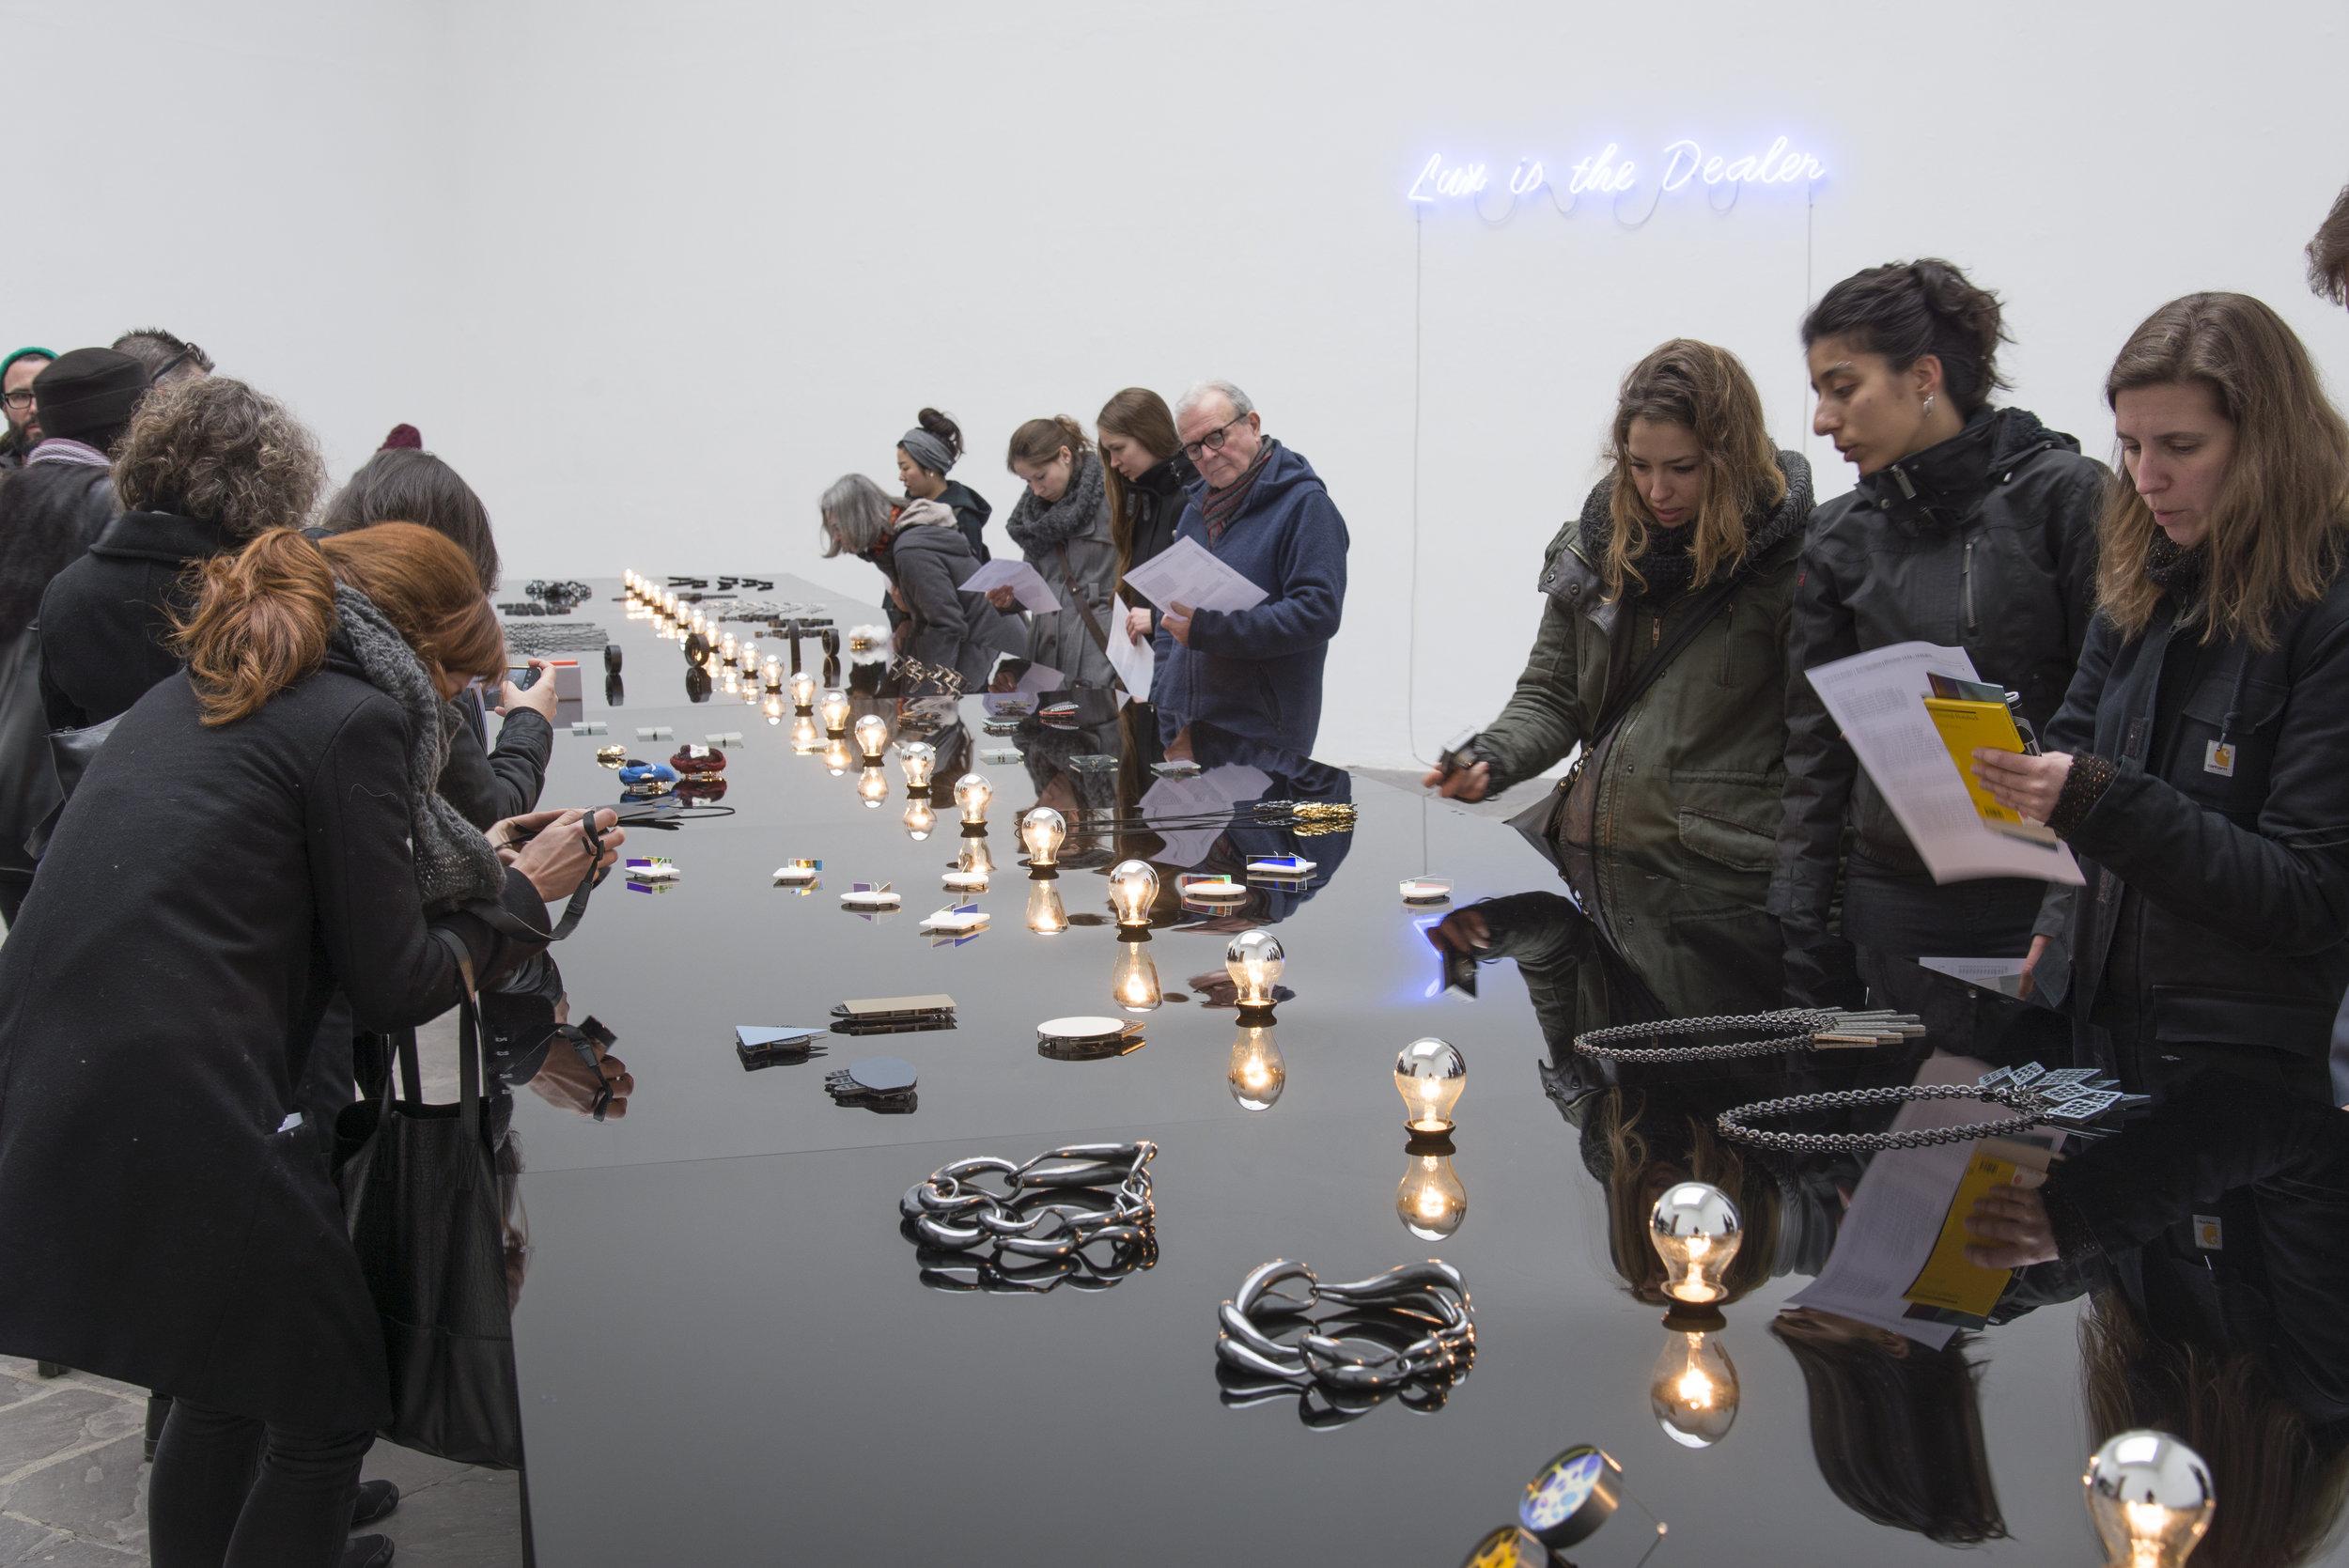 Lux is the Dealer,  installation view, Kunstpavillion, Munich Jewellery Week, 2015. Photo by Sian van Dyk